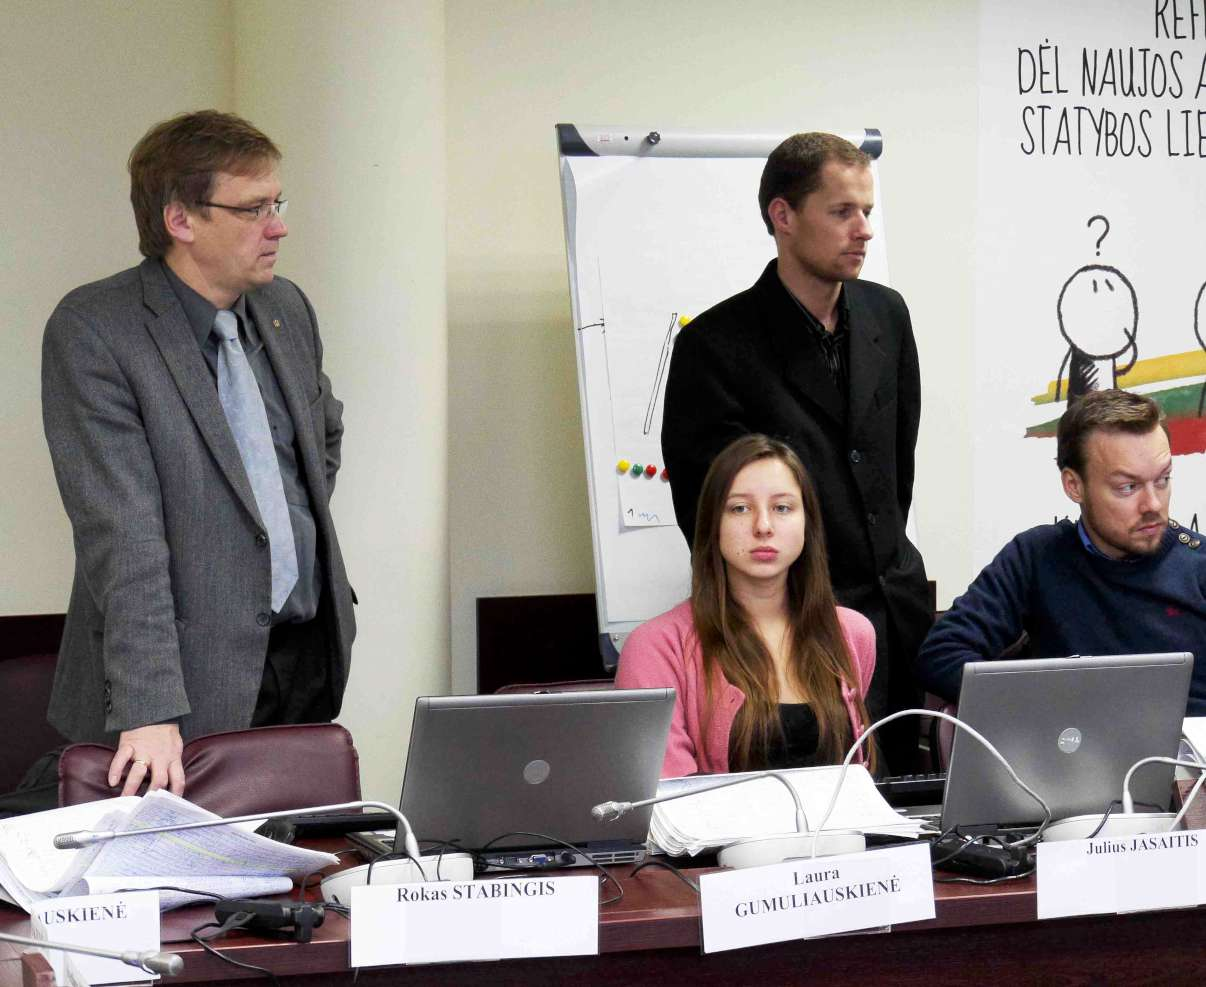 Zigmas Vaišvila kalbasi su referendumo iniciatyvinės grupės nariais ir talkininkais | Alkas.lt, J.Vaiškūno nuotr.